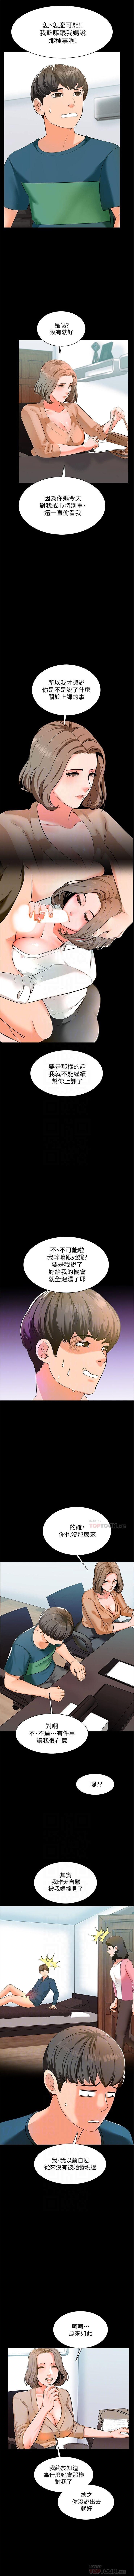 (週1)家教老師  1-21 中文翻譯(更新中) 50